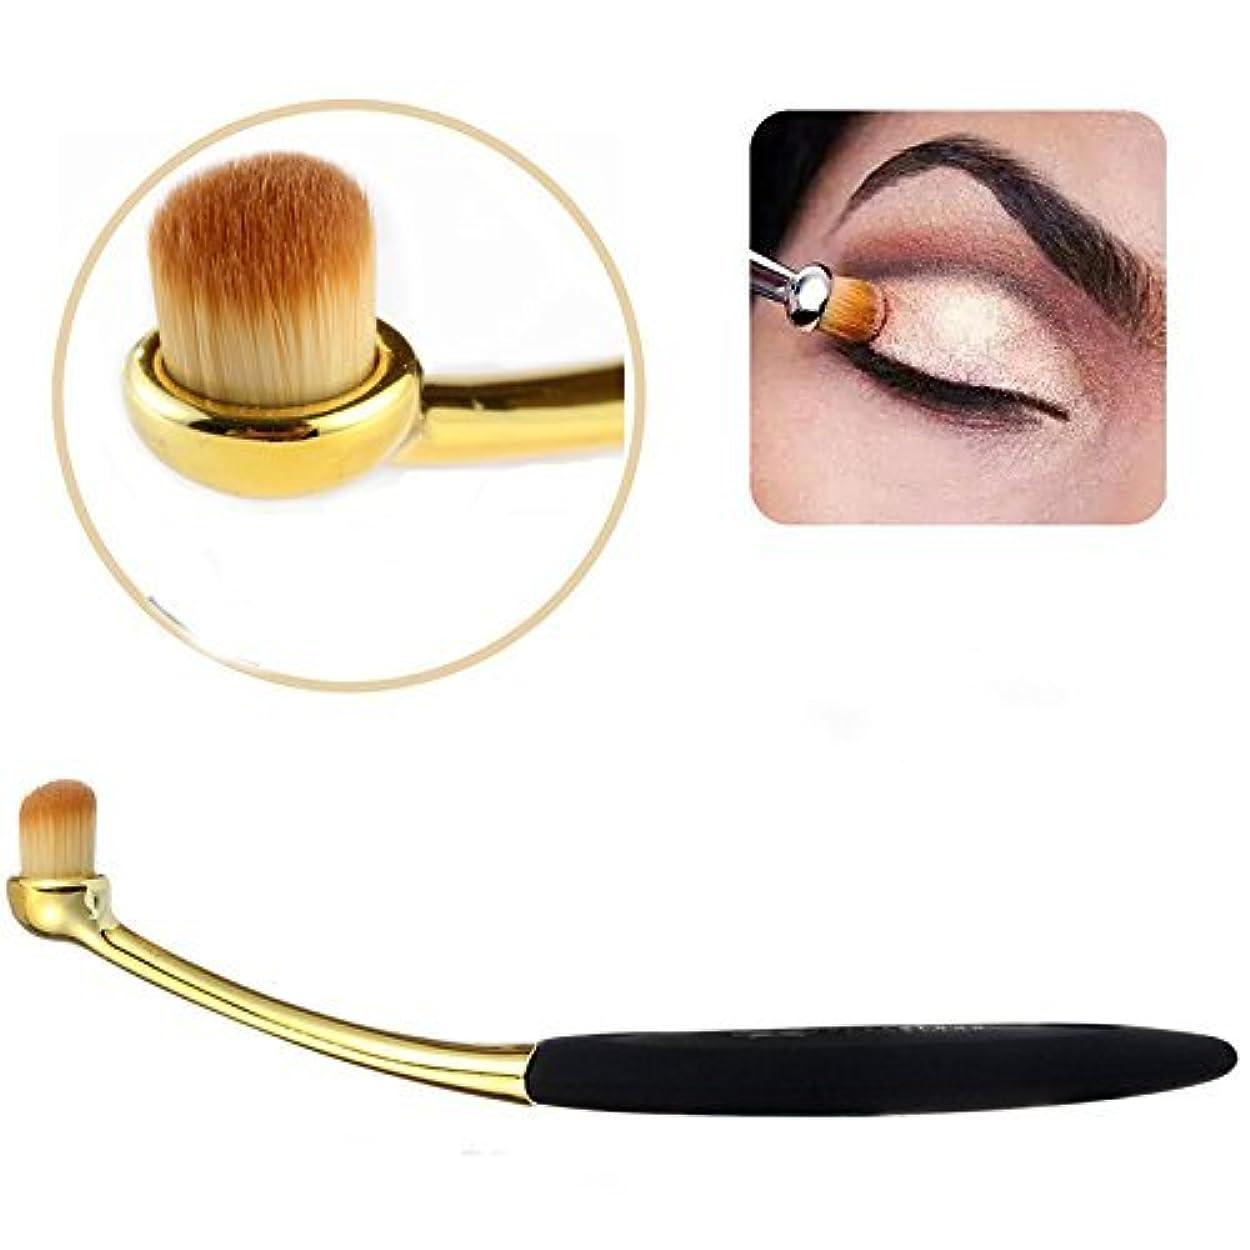 情報商業のナースNeverlnad Beauty 歯ブラシ型 アイシャドー、リップ、アイブローブラシ 化粧ブラシ メイクブラシ ゴールド&ブラック 1本